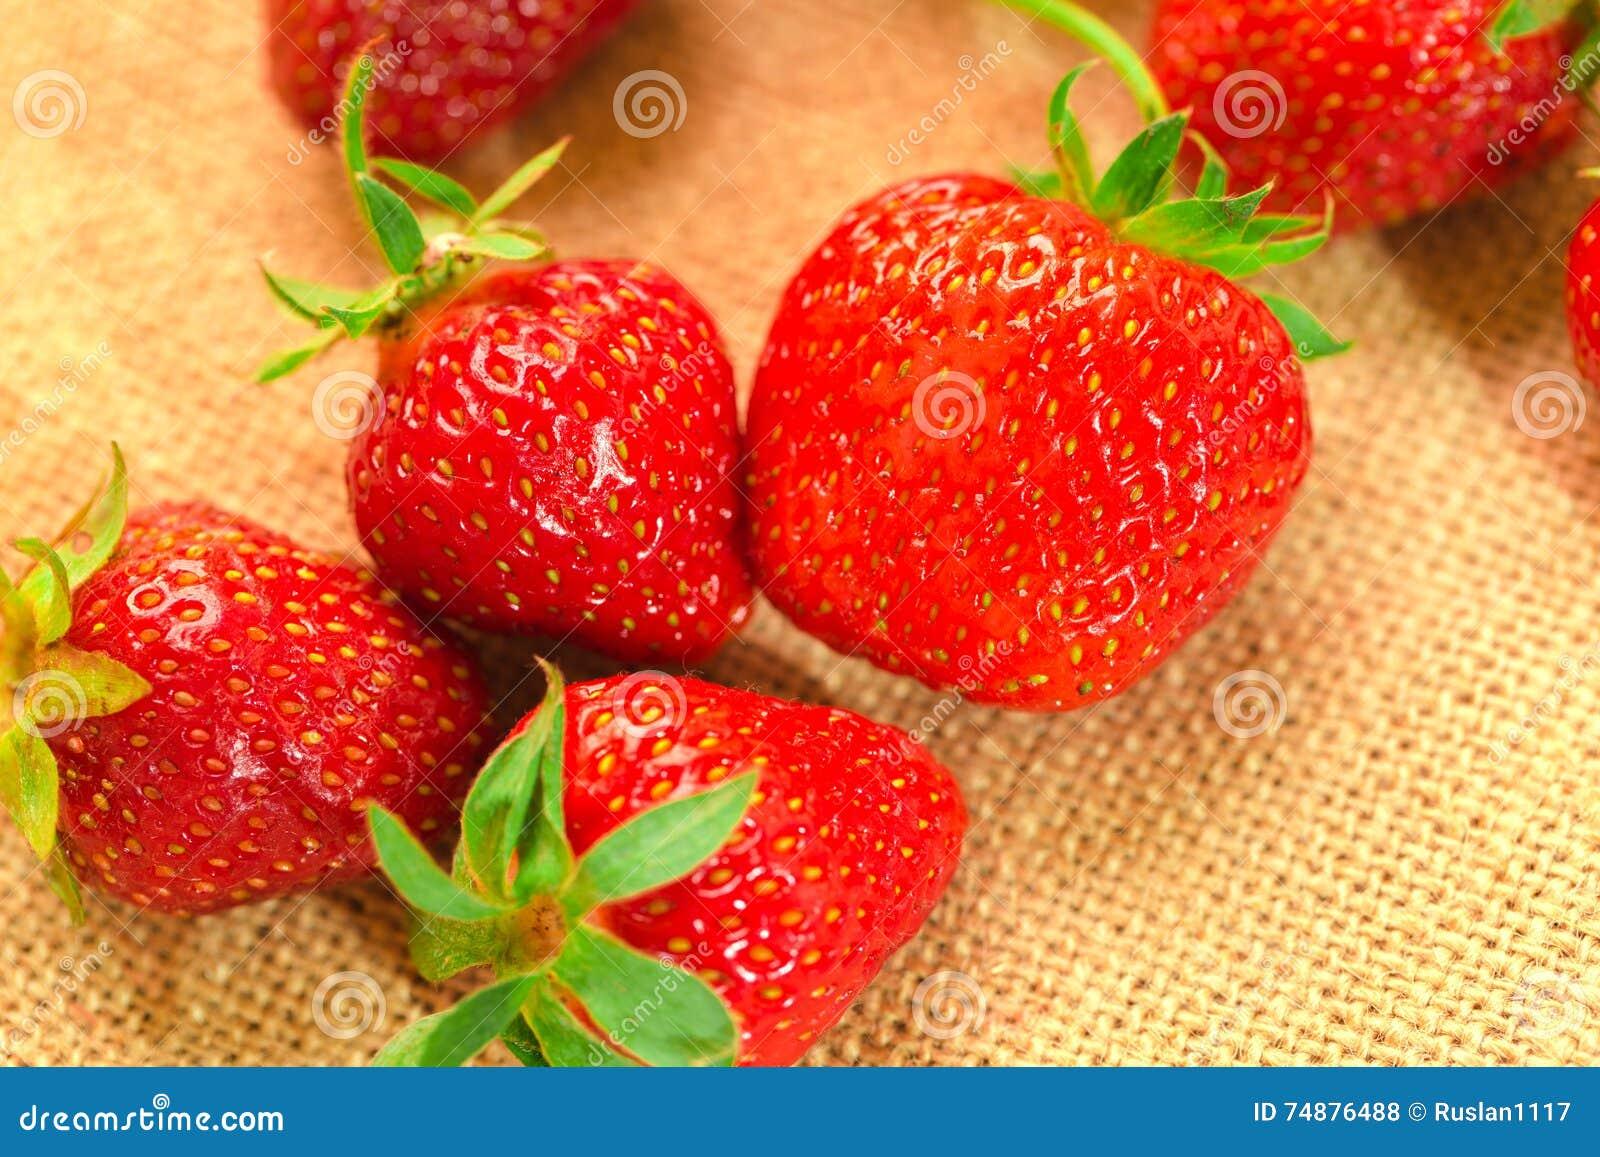 Peu de baies avec les fraises fraîches sur un tissu